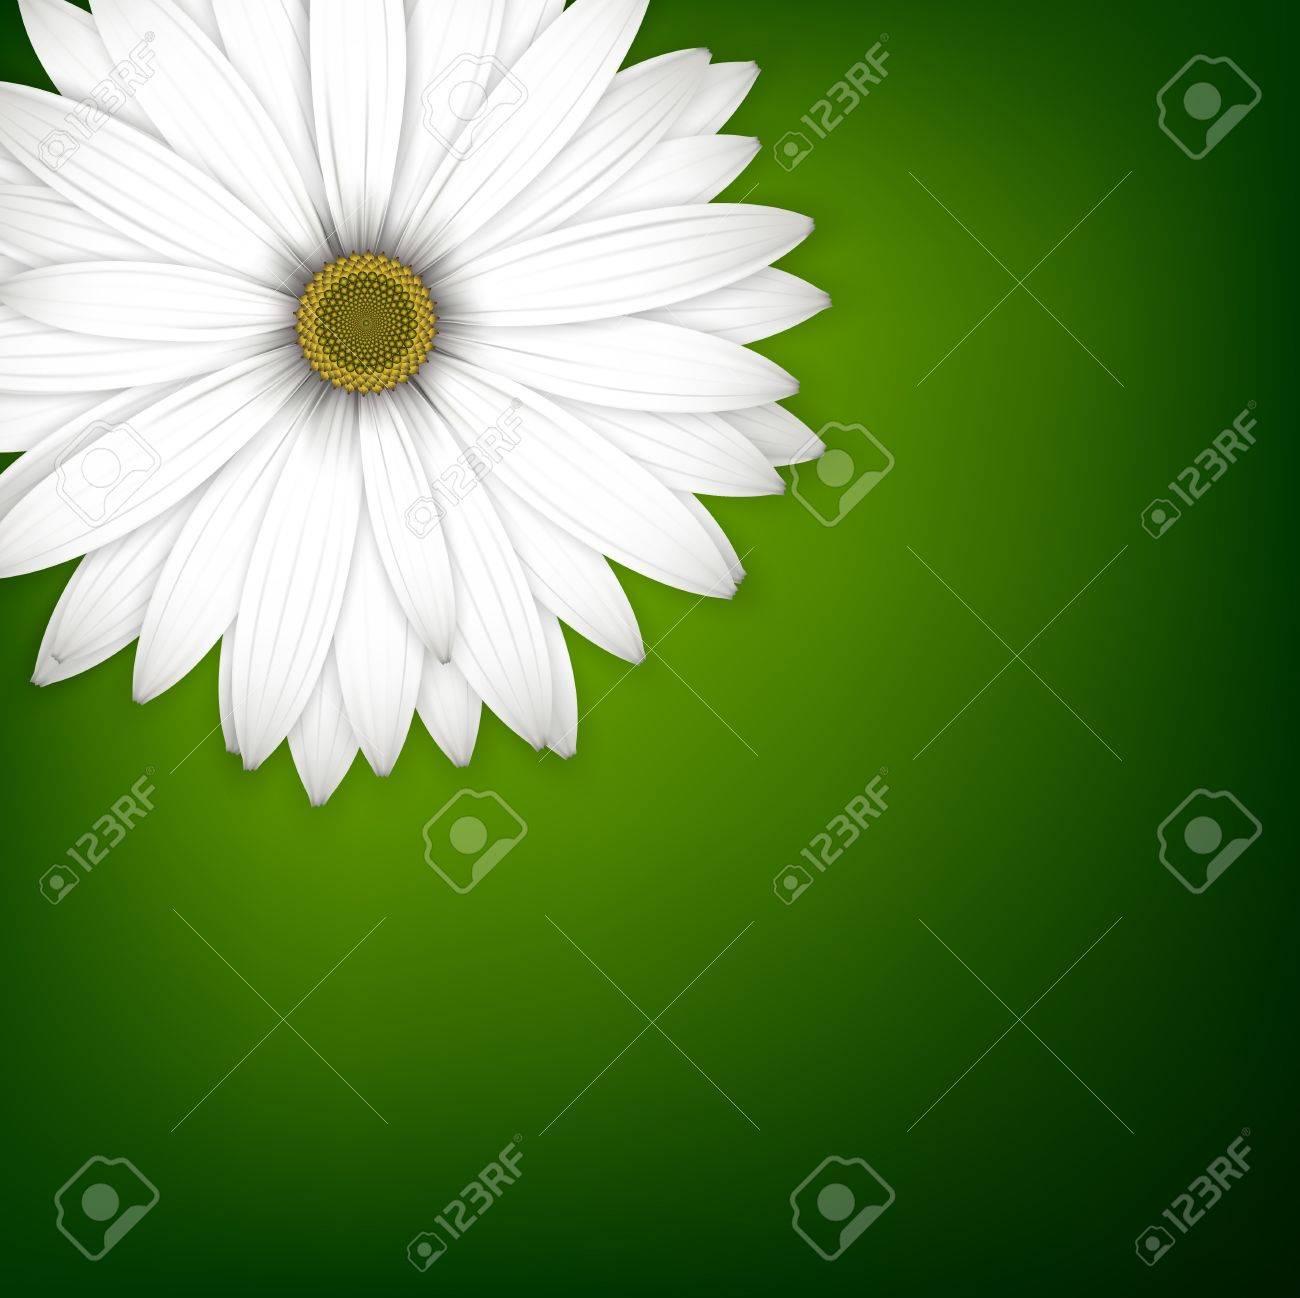 White daisy flower background. Detailed vector illustration. Eps10. Stock Vector - 18410960